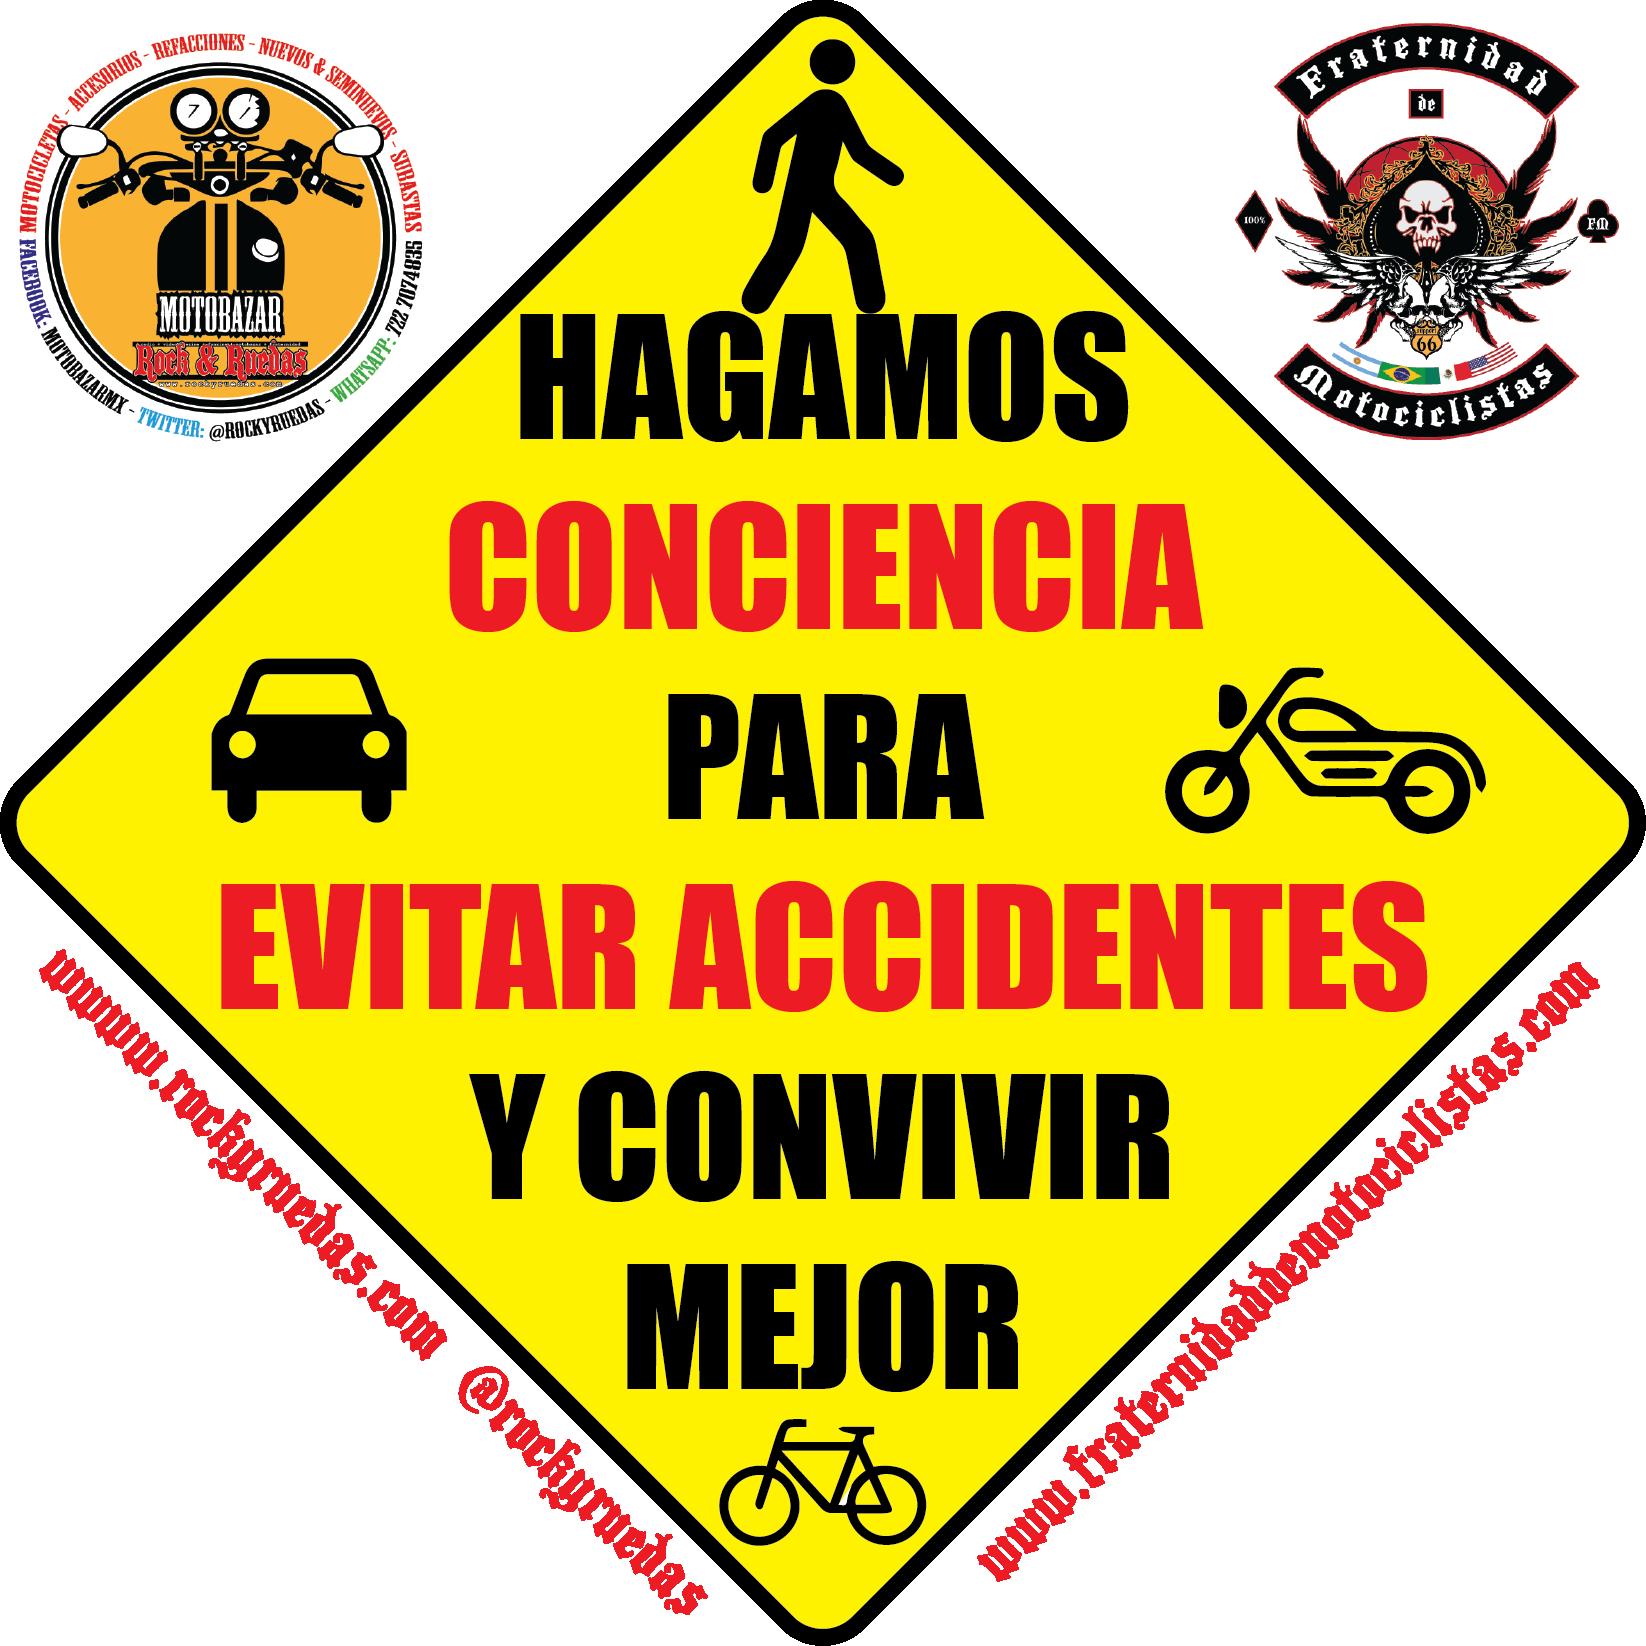 Hagamos conciencia para evitar accidentes y convivir mejor